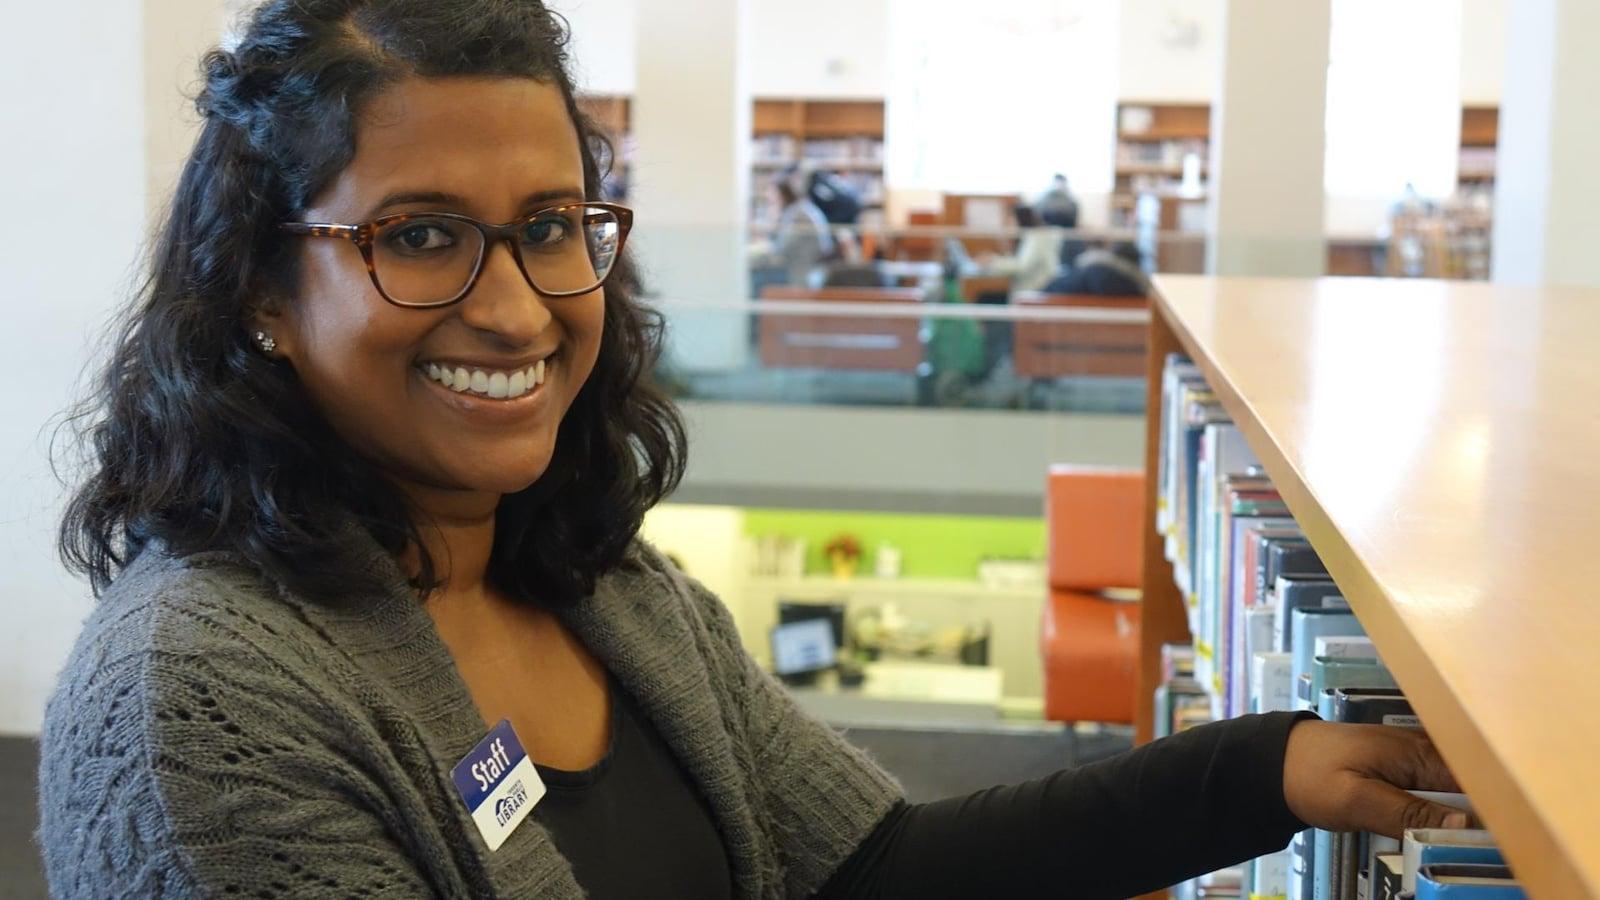 La bibliothécaire Nalini Battu range des livres dans les étagères.